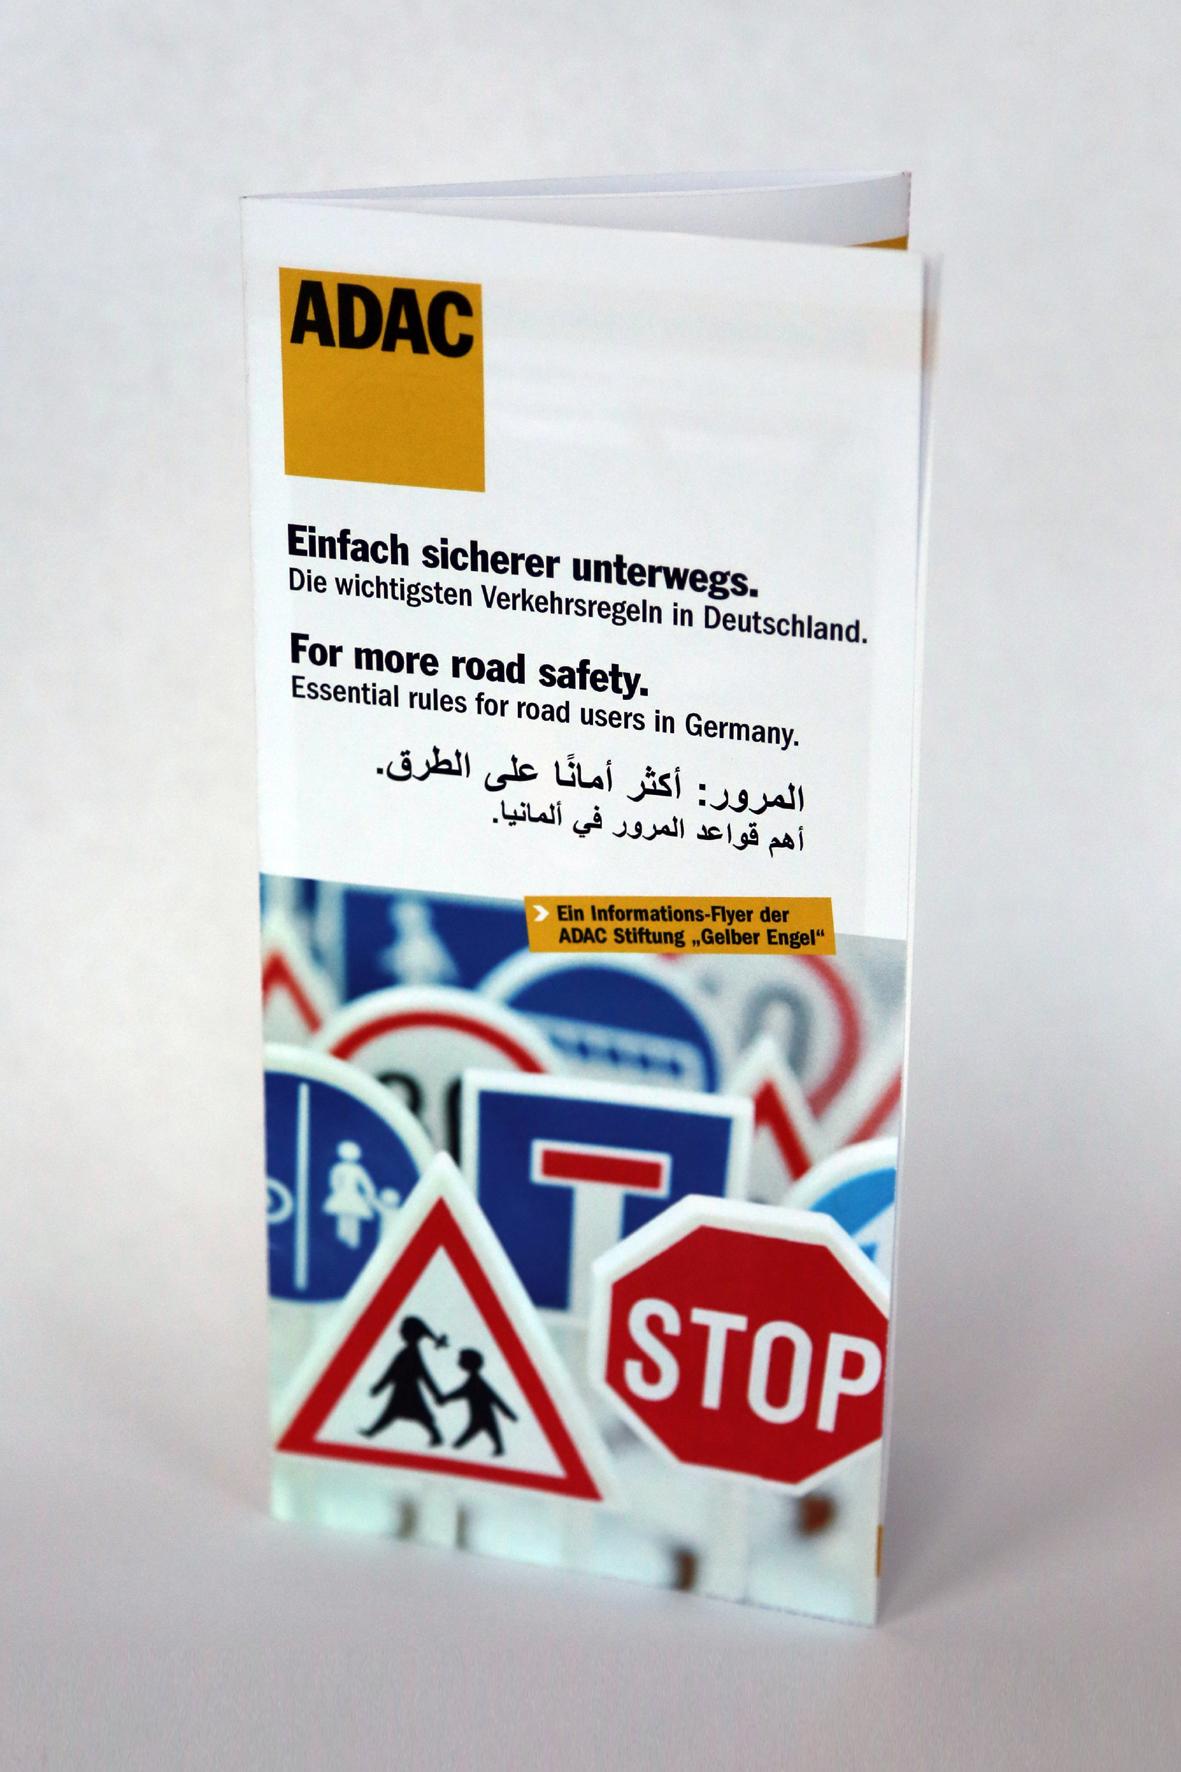 """mid Düsseldorf - Ein Flyer der ADAC-Stiftung """"Gelber Engel"""" soll Flüchtlingen in Deutschland die hiesigen Verkehrsregeln leicht verständlich anhand von Bildsprache näher bringen."""